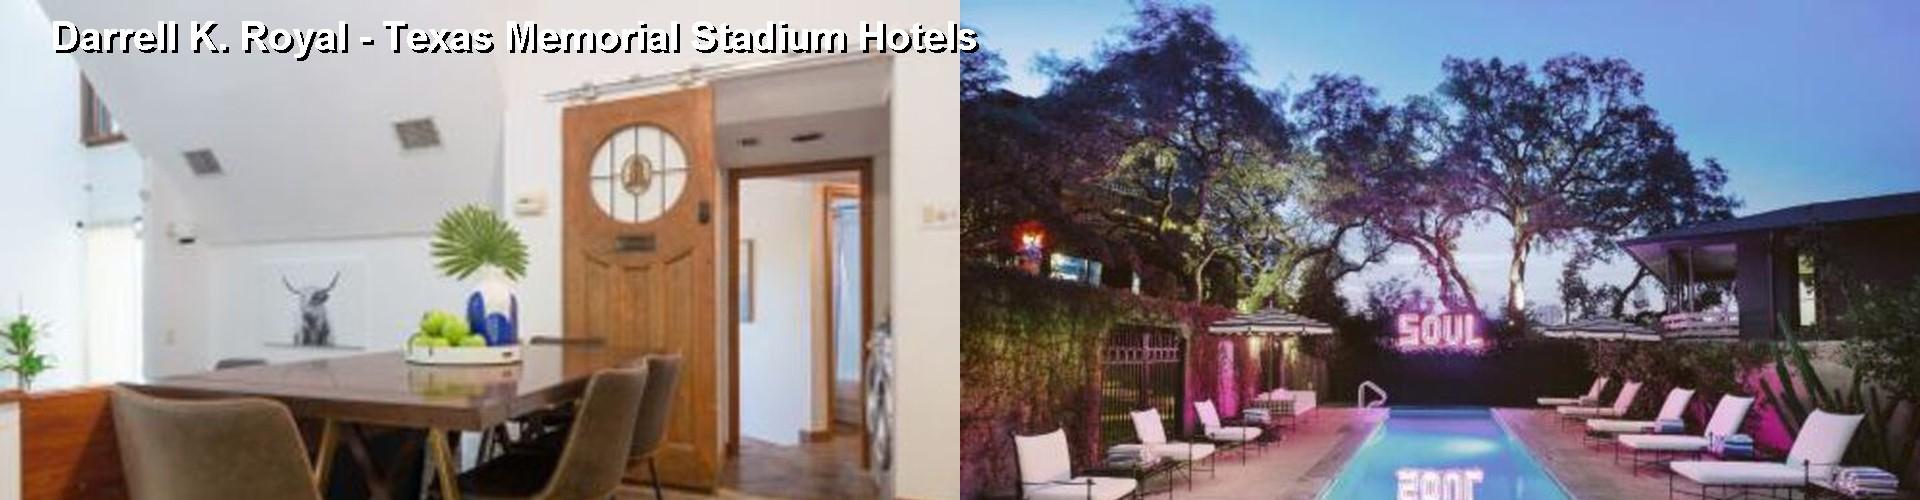 5 Best Hotels Near Darrell K Royal Texas Memorial Stadium